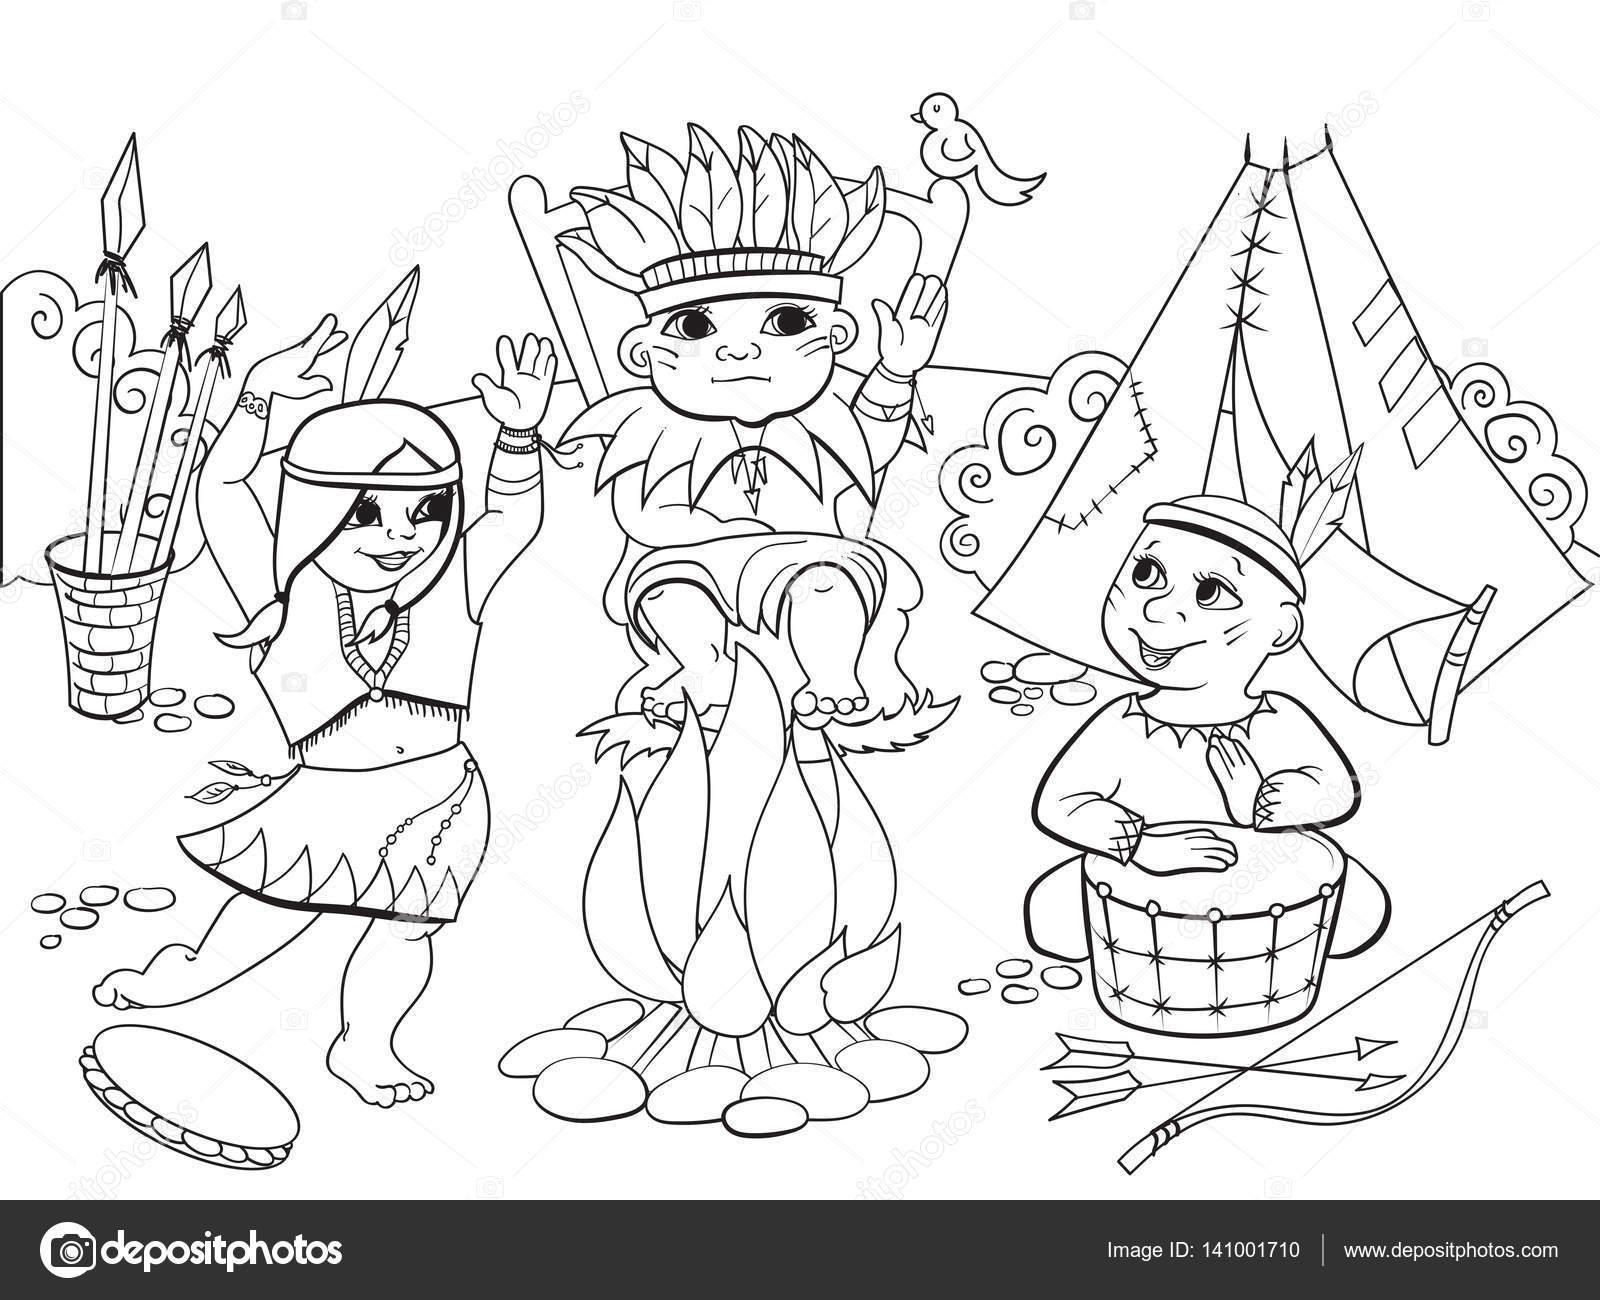 Coloriage Danseuse Indienne.Tribu Indienne Sous La Forme De Trois Enfants Coloriage